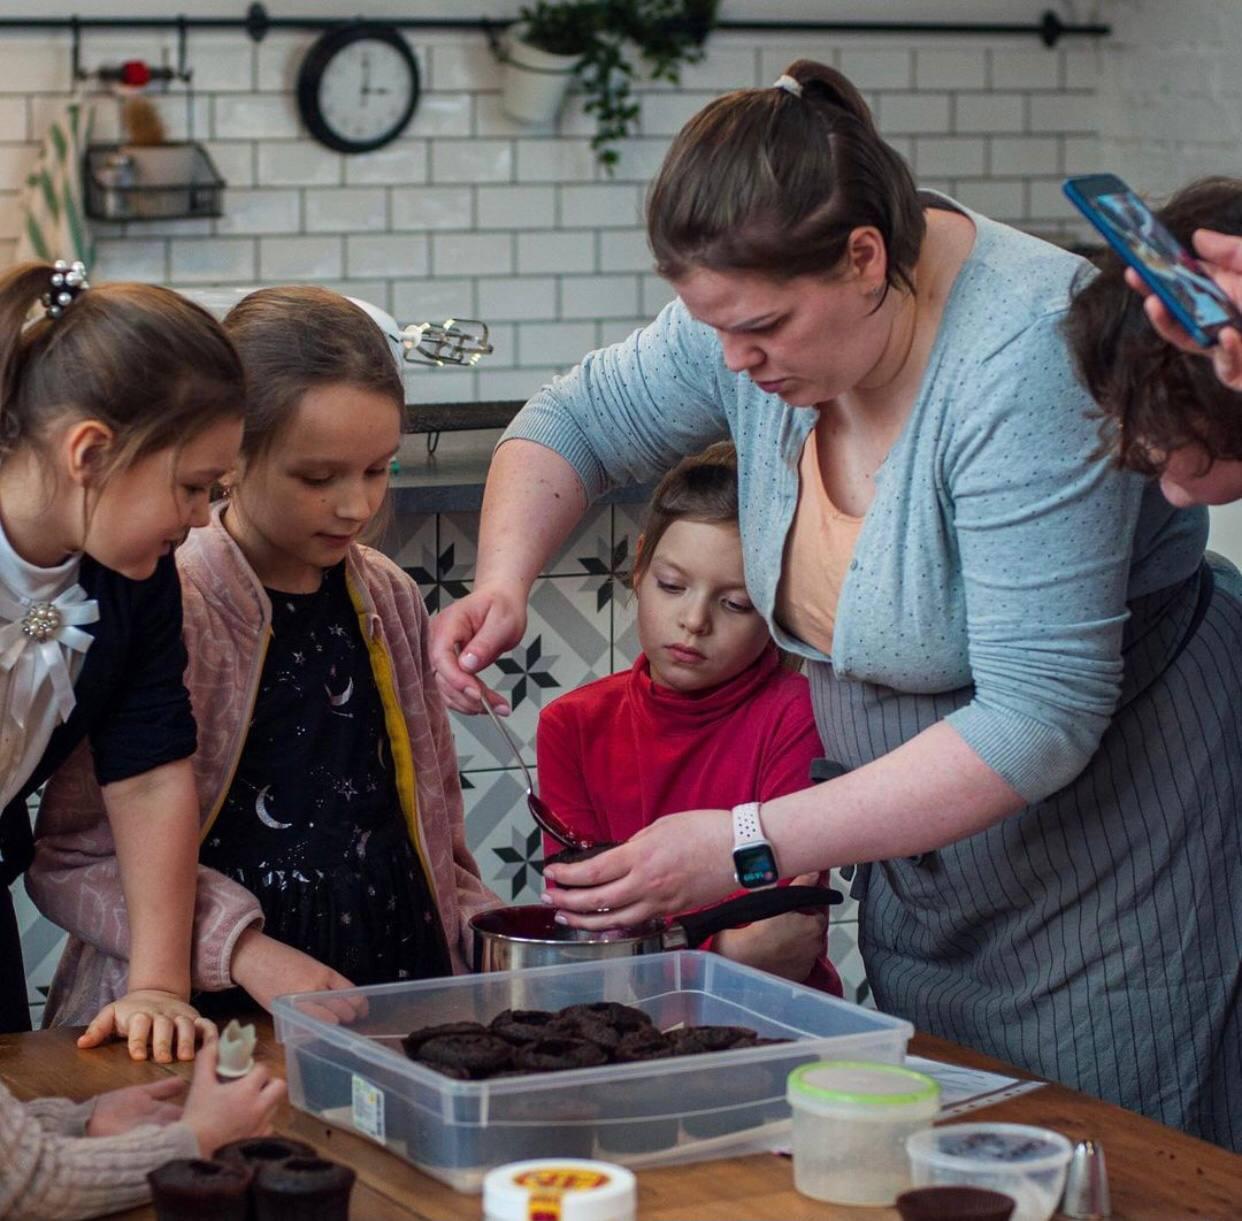 Кондитеры Москвы провели кулинарный мастер-класс для подопечных